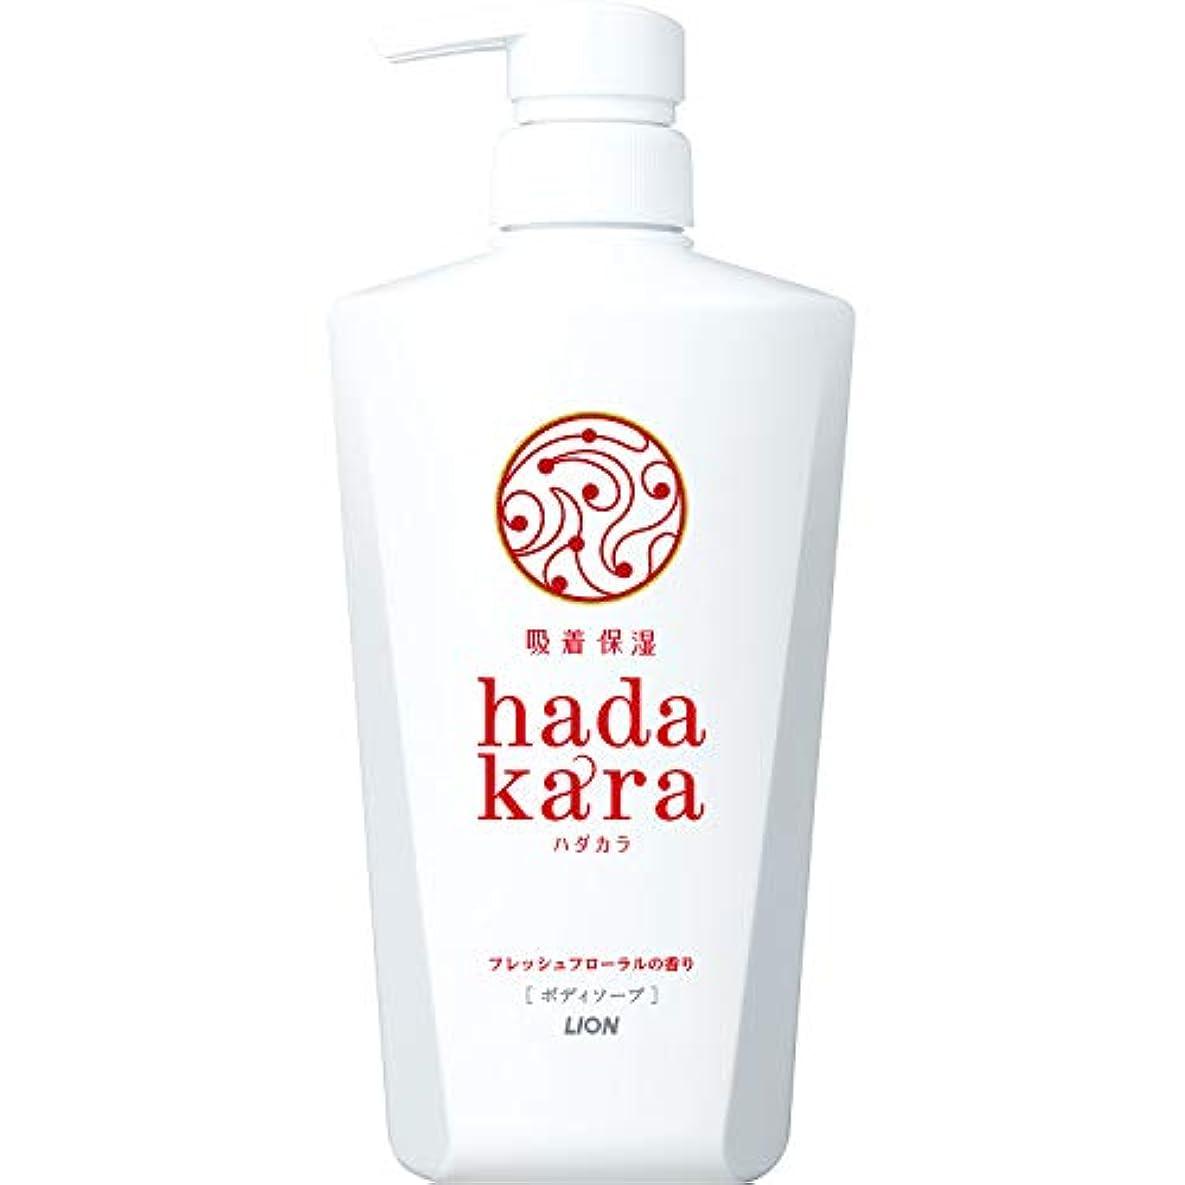 然としたネックレス発掘するhadakara(ハダカラ) ボディソープ フローラルブーケの香り 本体 500ml